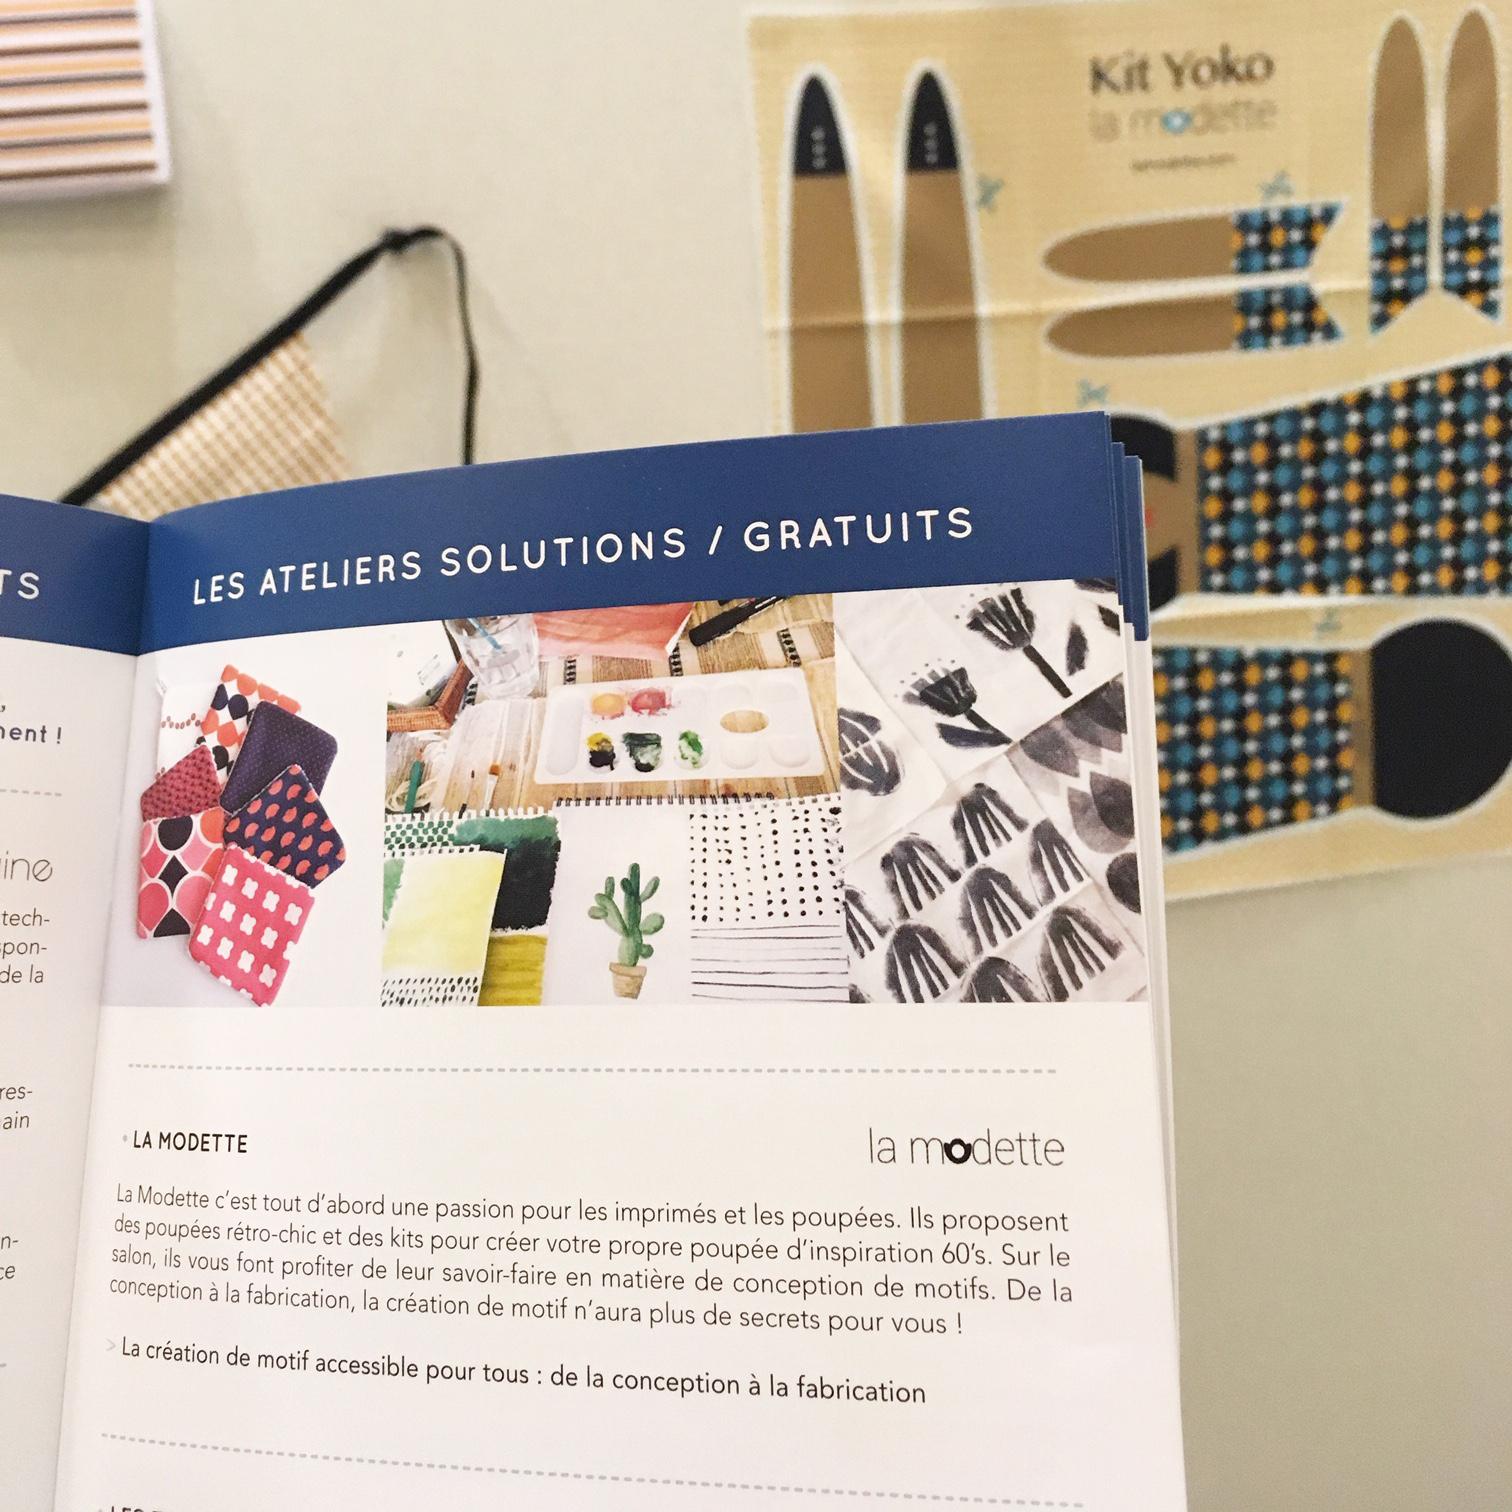 Ateliers Solution animés par La Modette au salon Aiguille en Fête 2018